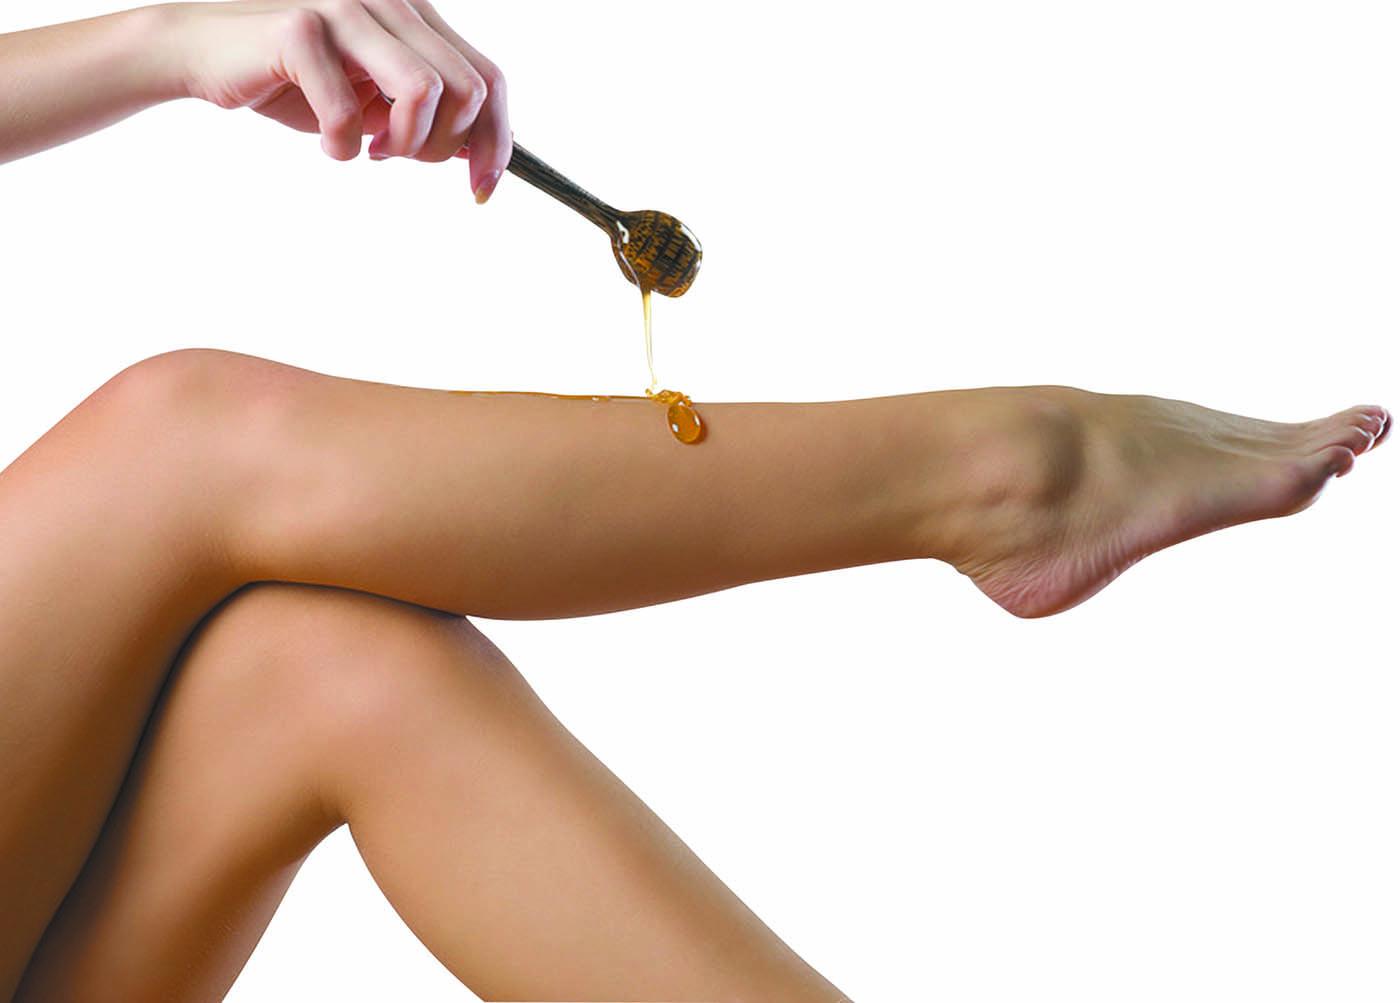 Чем лучше удалять волосы с ног подросткам